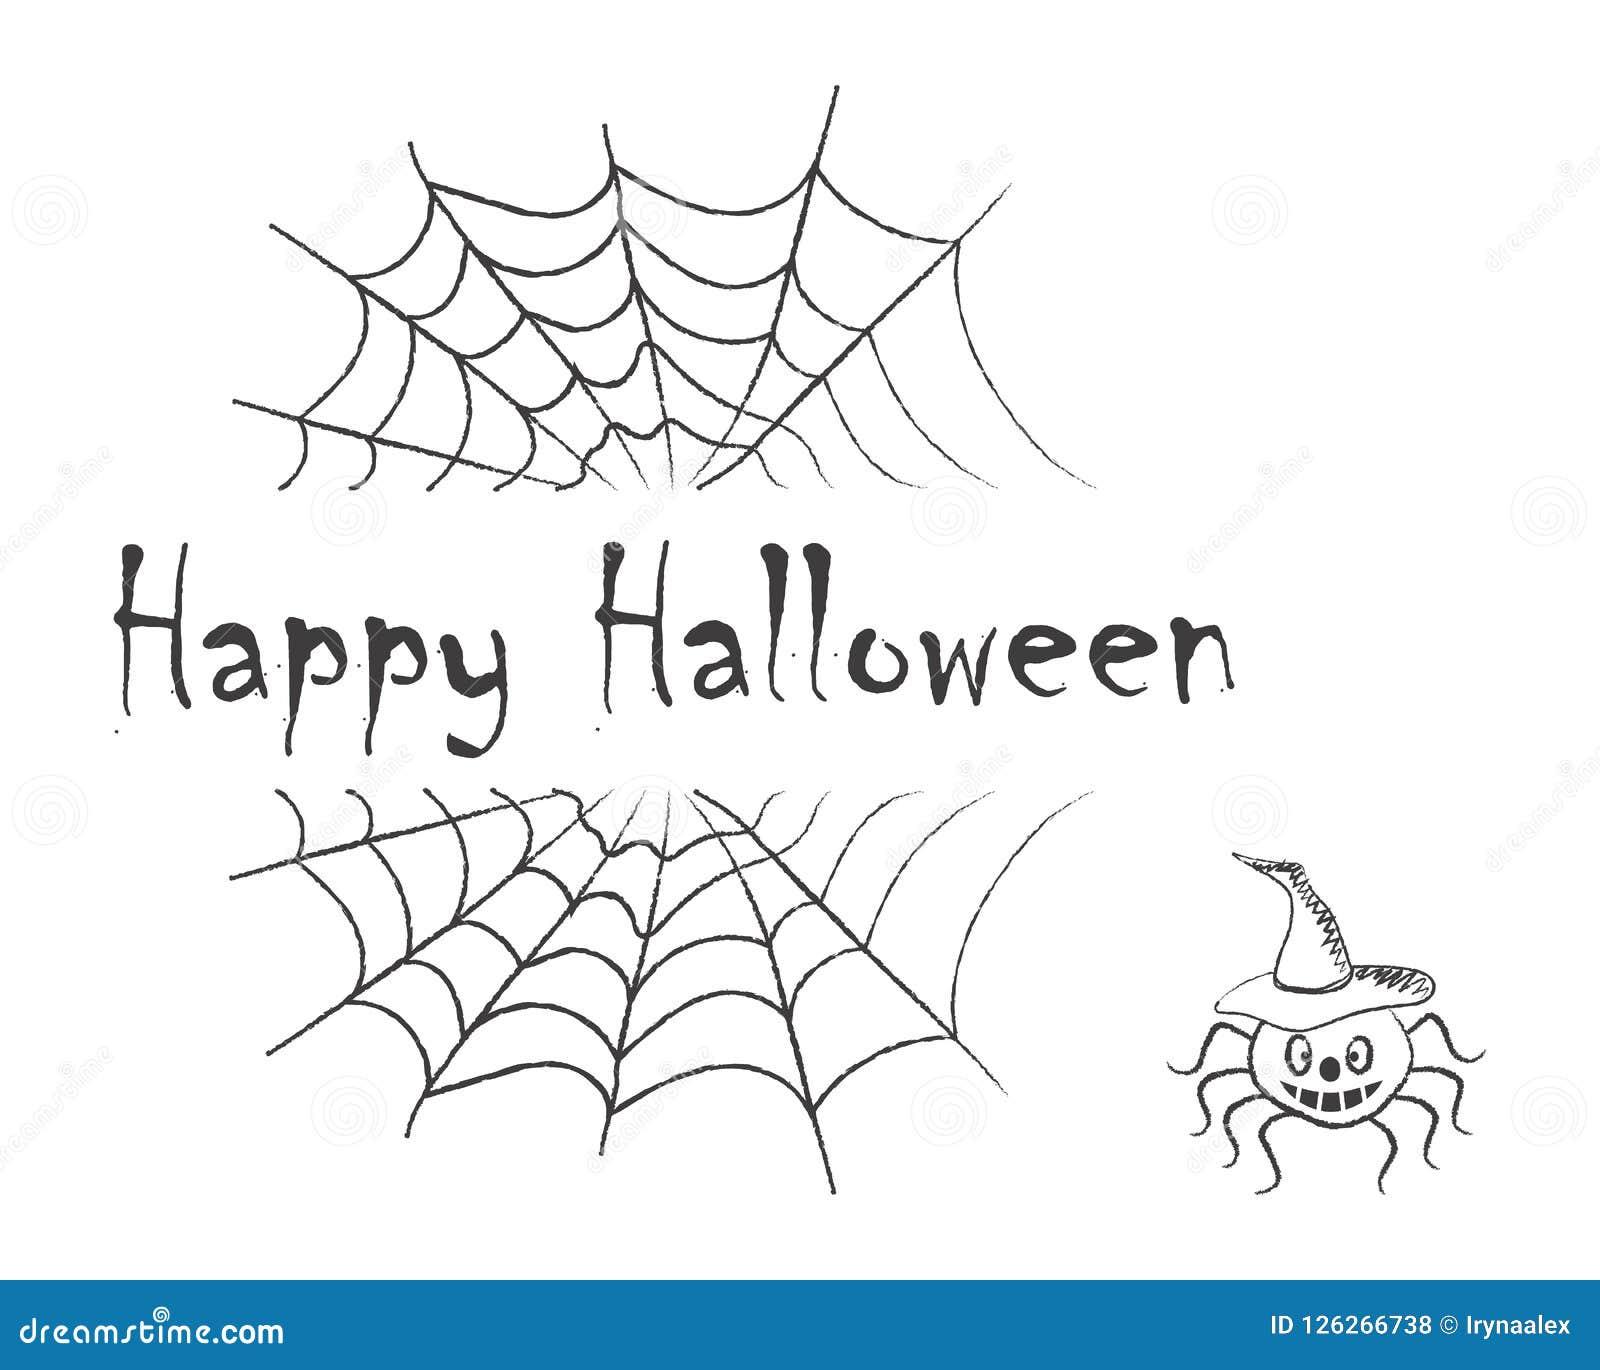 Halloween Feliz Texto Preto No Fundo Das Teias De Aranha